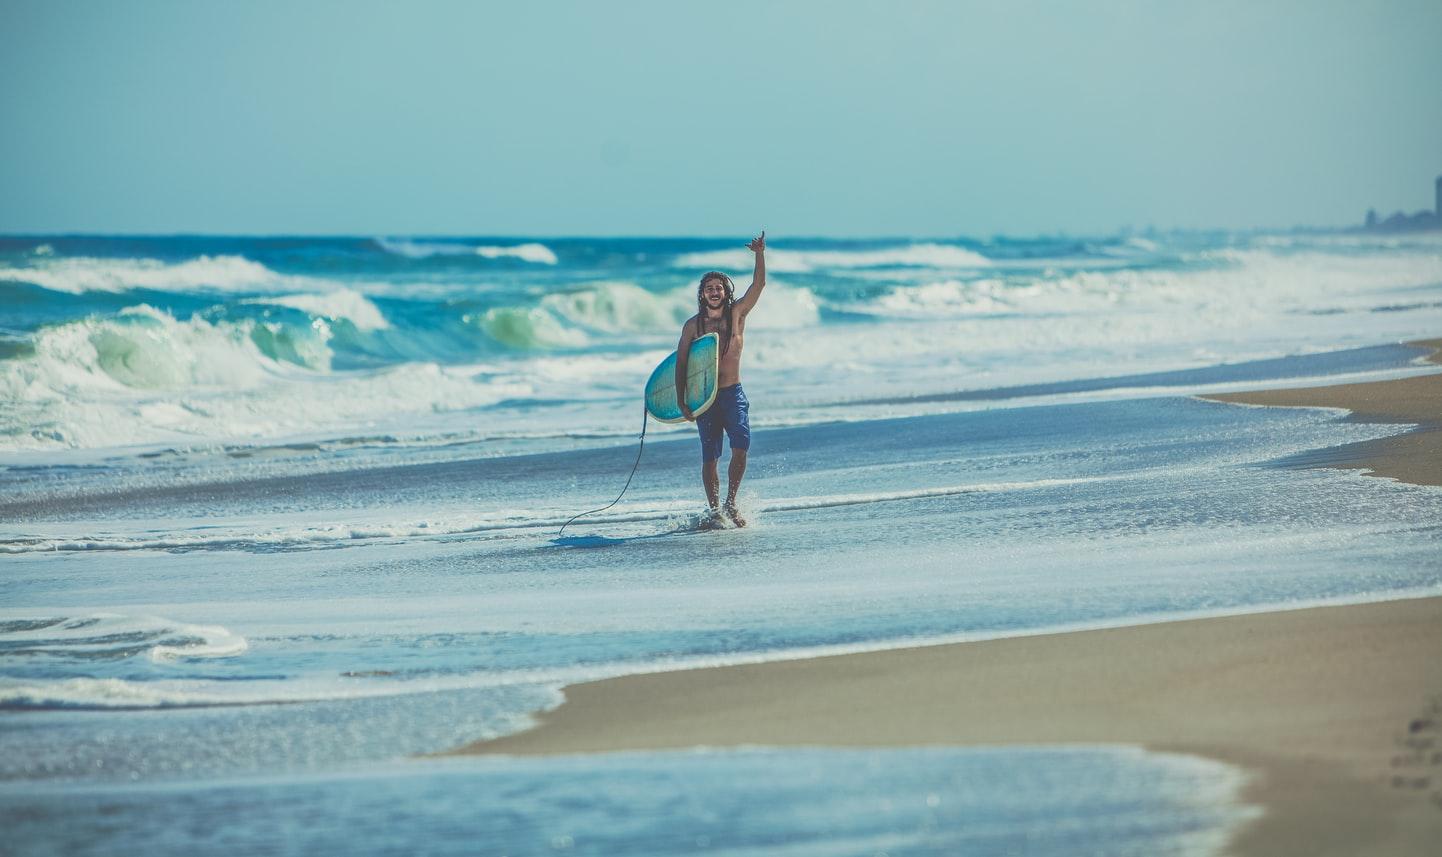 Happy Surfer mit Surfbrett